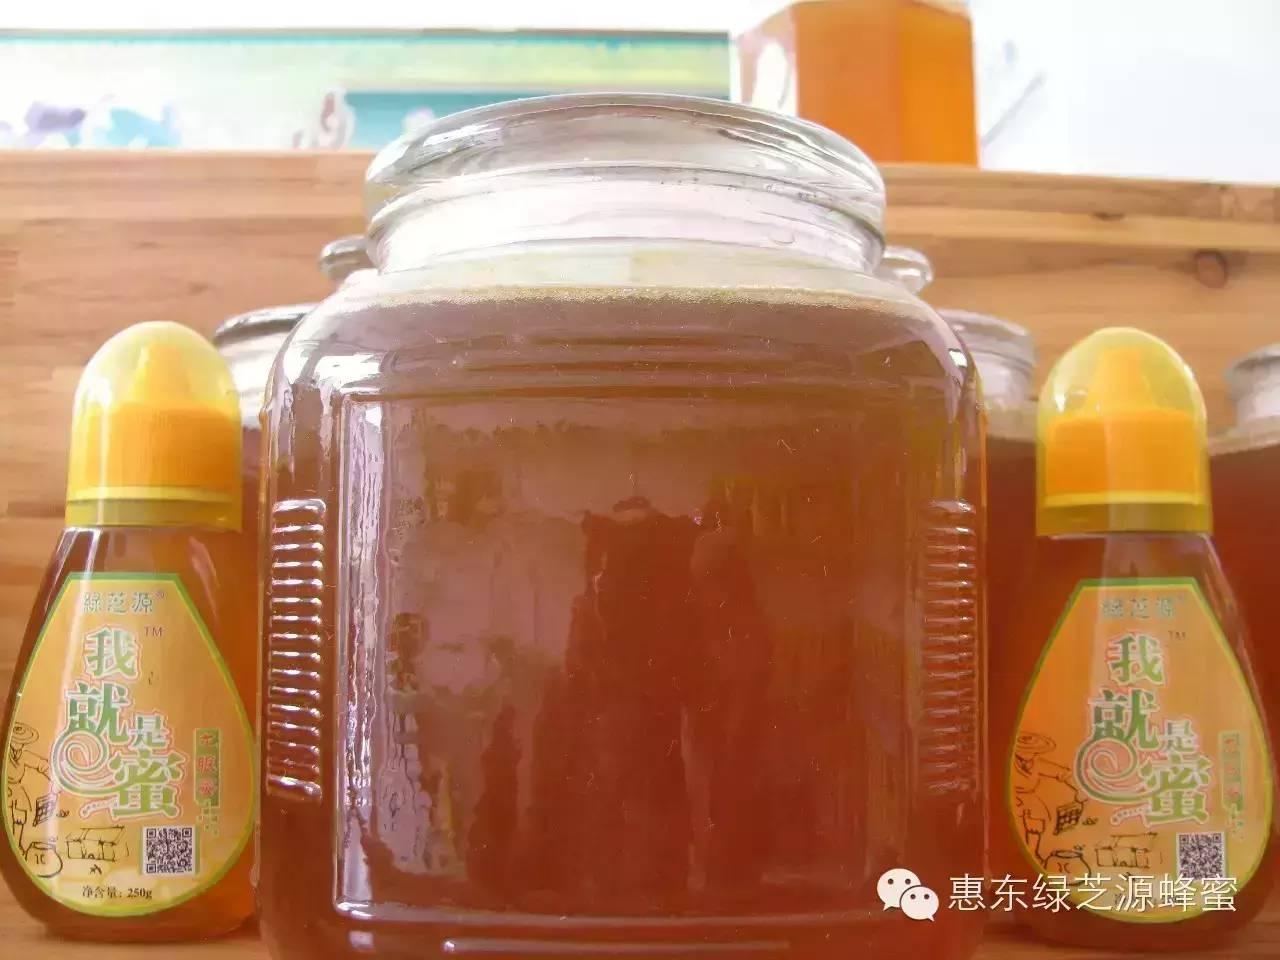 蜂蜜进口代理 乌发汤 蛋黄蜂蜜面膜 醋和蜂蜜的作用 中华土蜂蜜